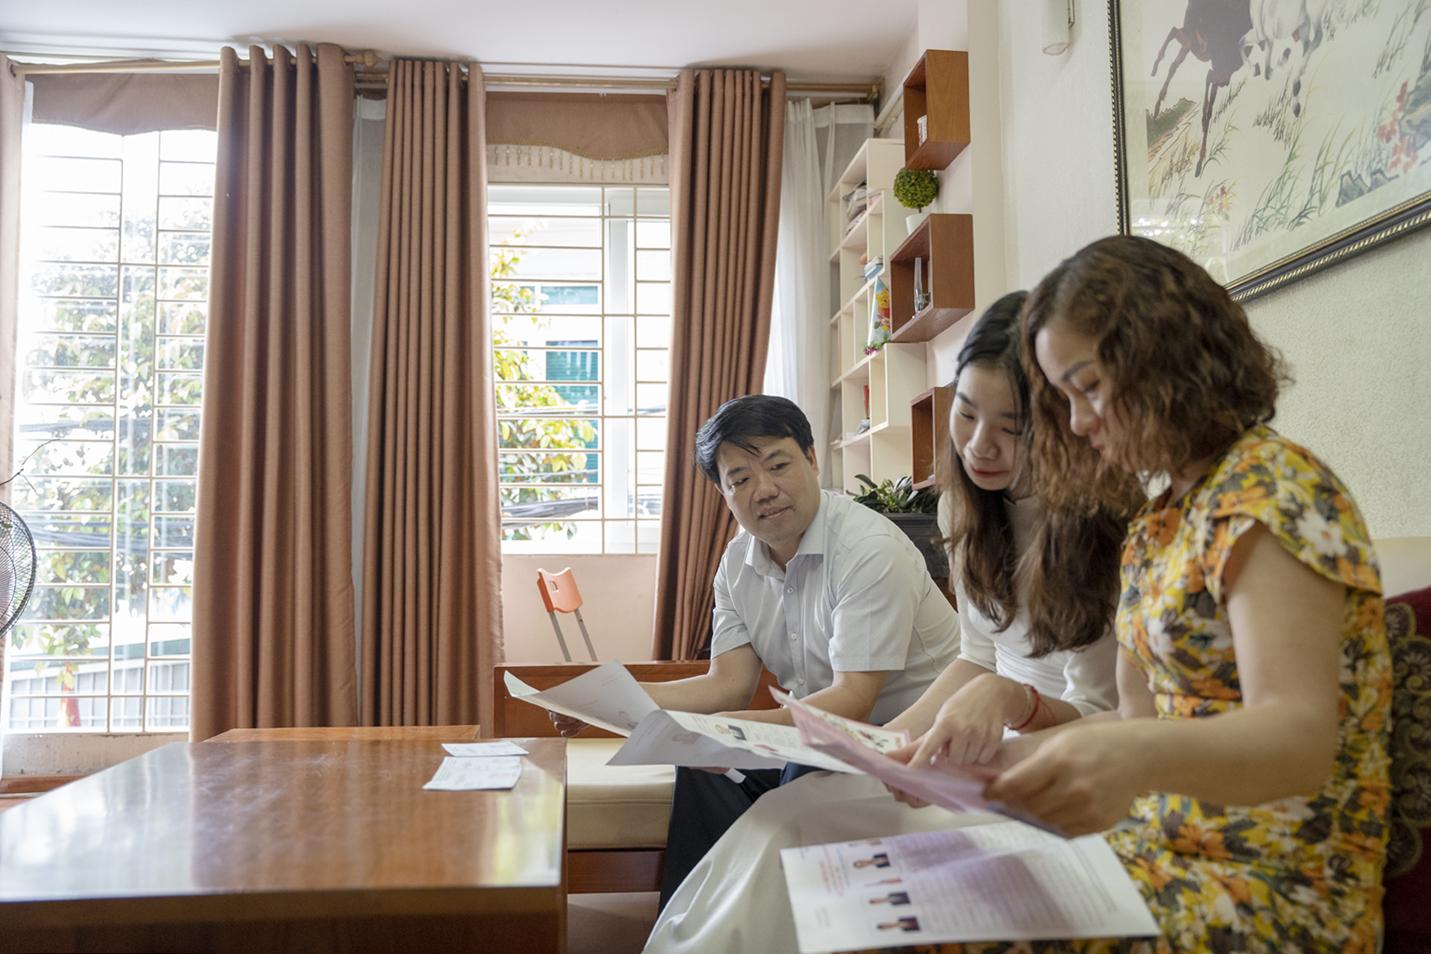 """Thiếu nữ Hà Thành 18 tuổi, lần đầu đi bầu cử: """"Cảm thấy tự hào, vì đã góp phần xây dựng bộ máy chính quyền nhà nước"""" - Ảnh 1."""